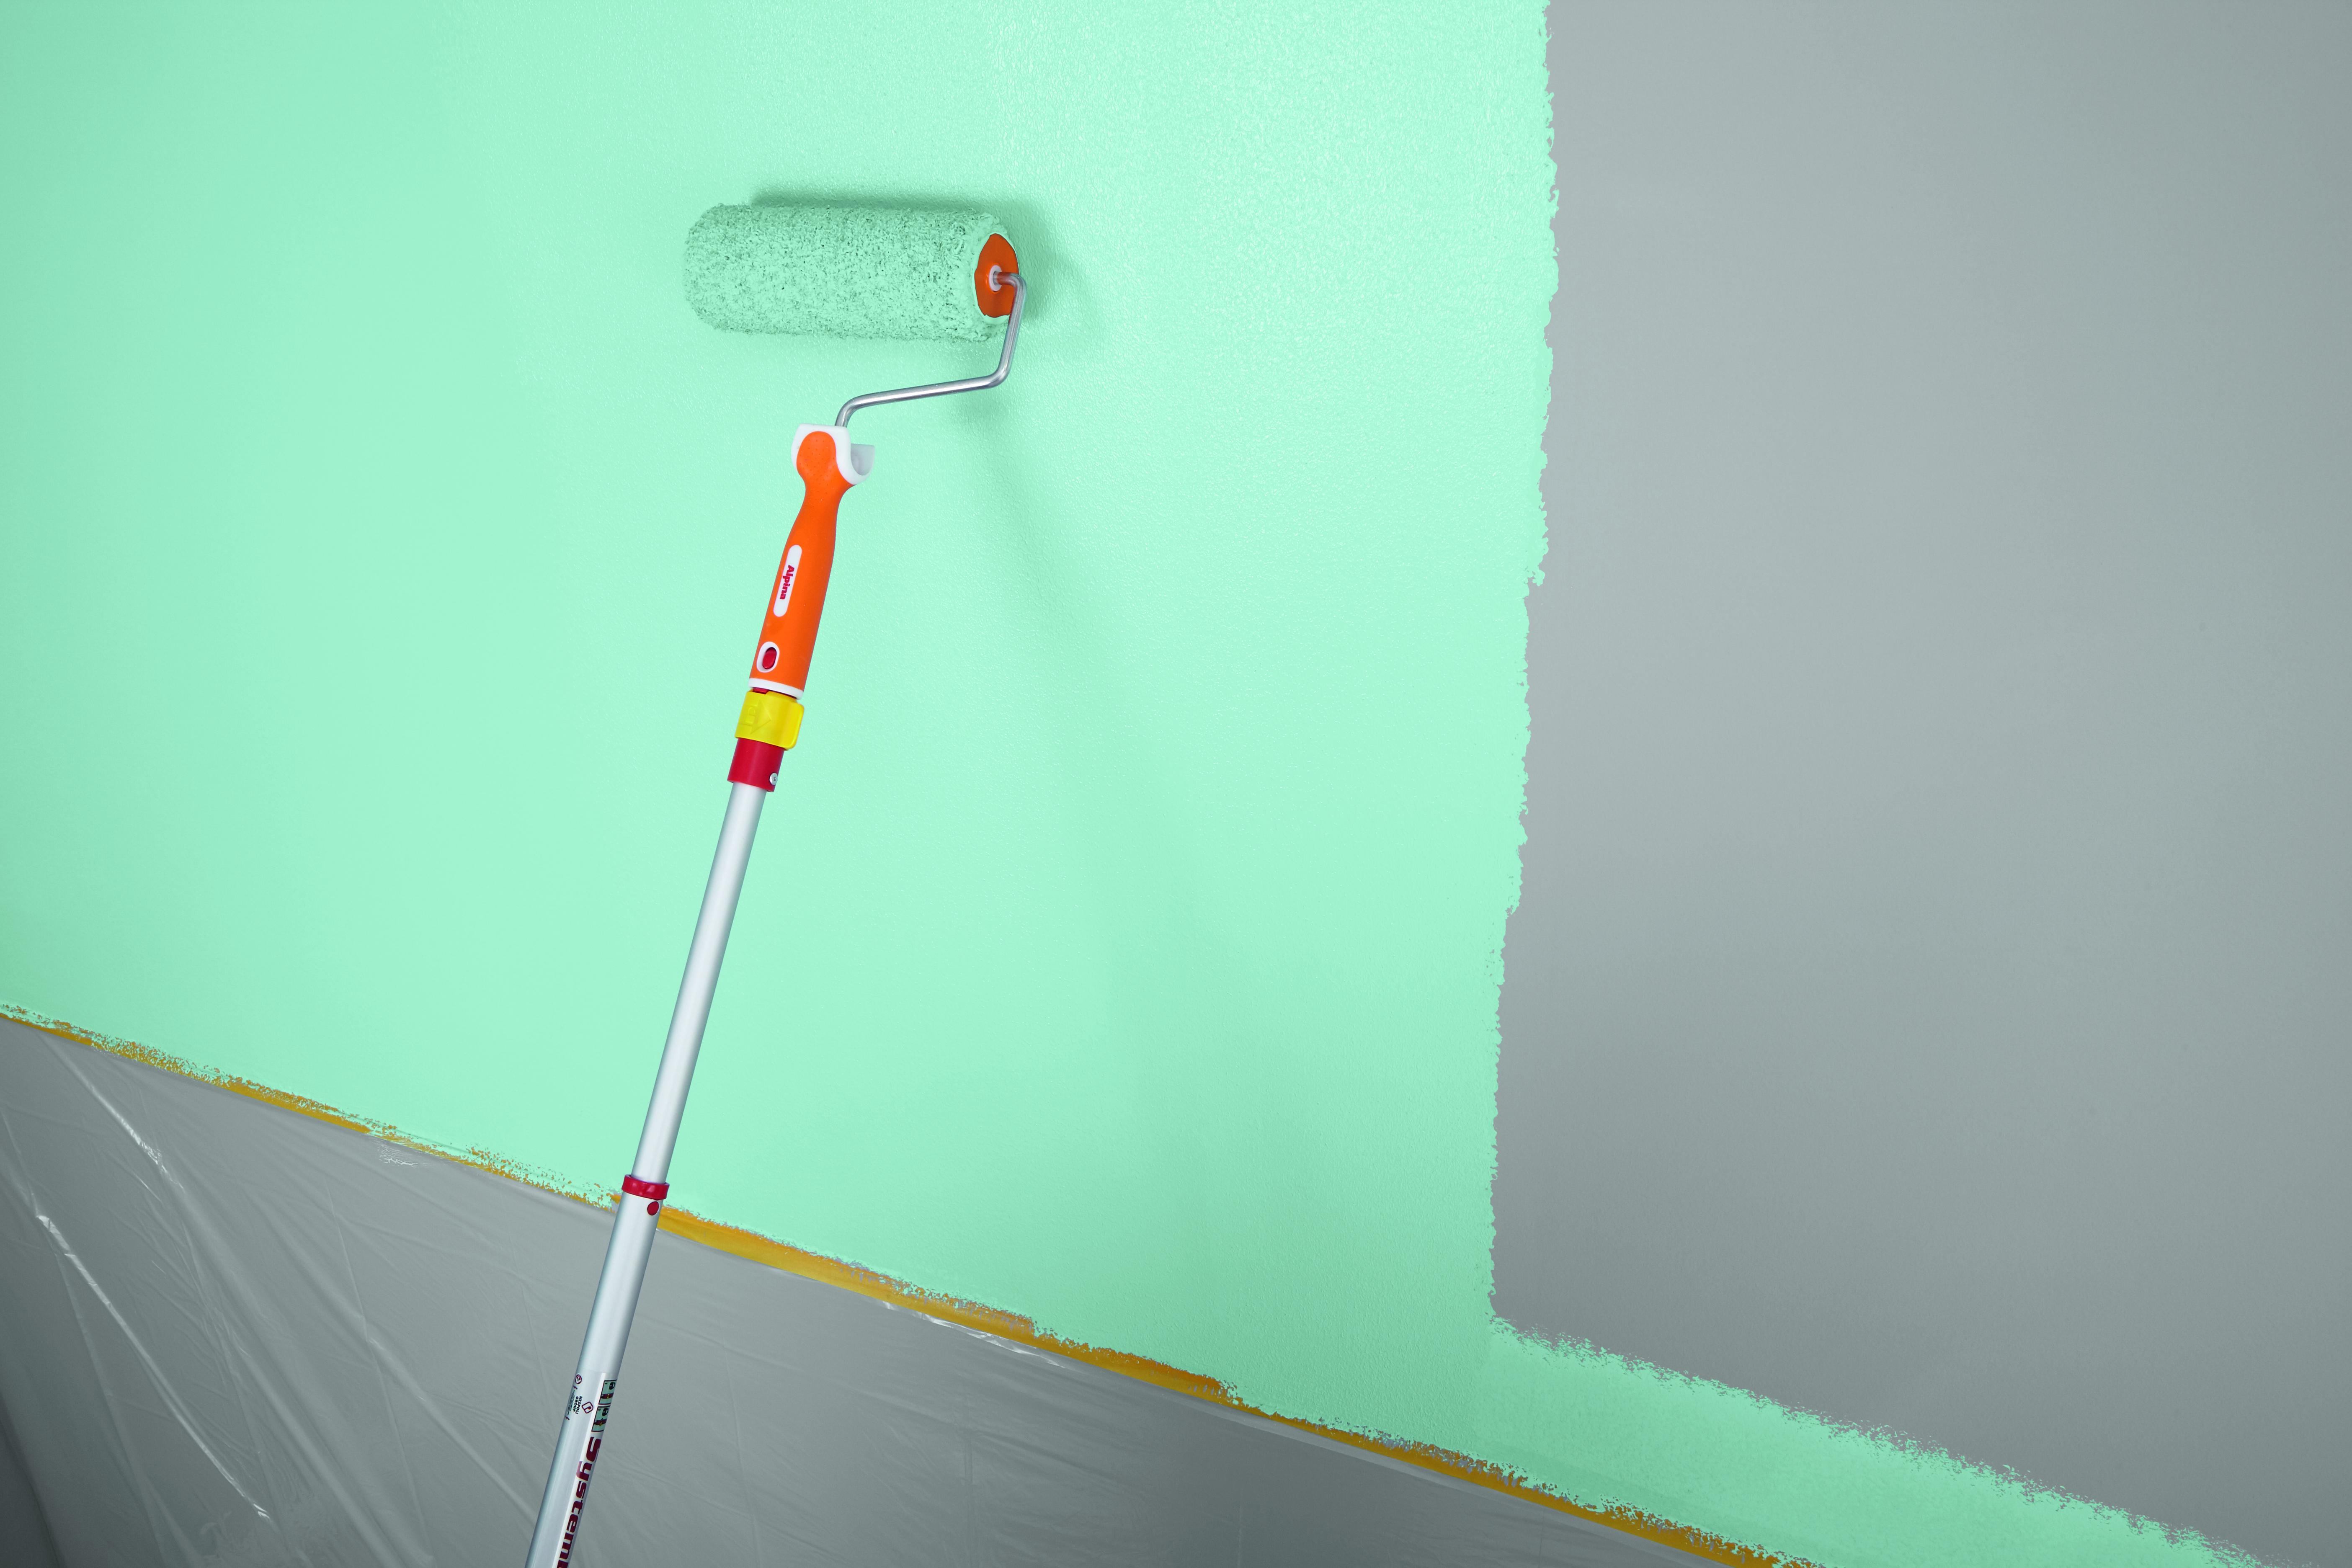 Innenarchitektur Wand Zweifarbig Streichen Sammlung Von Für Eine Perfekte Oberfläche Nach Etwa Zwei